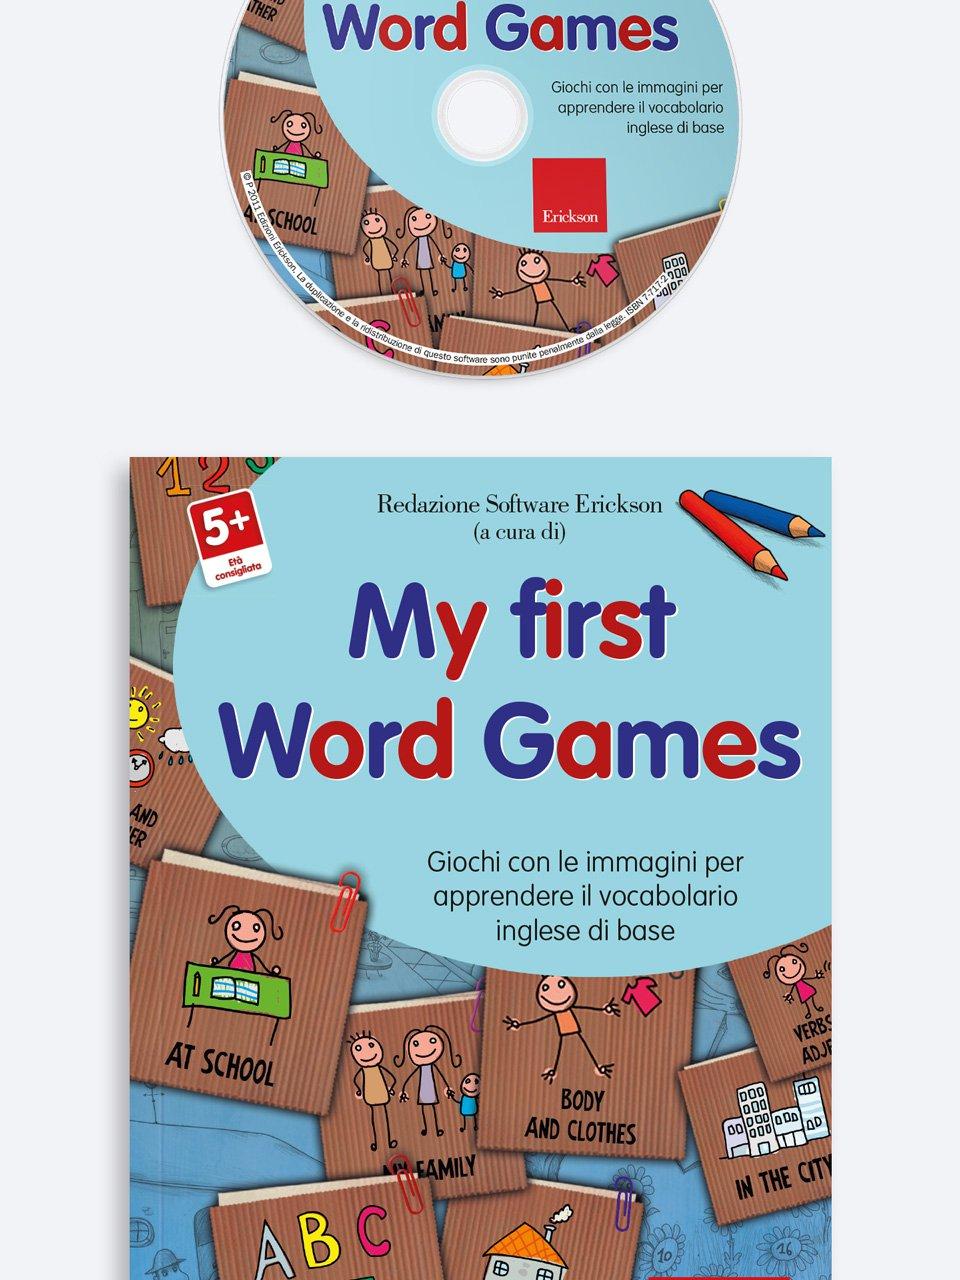 My First Word Games - App e software per Scuola, Autismo, Dislessia e DSA - Erickson